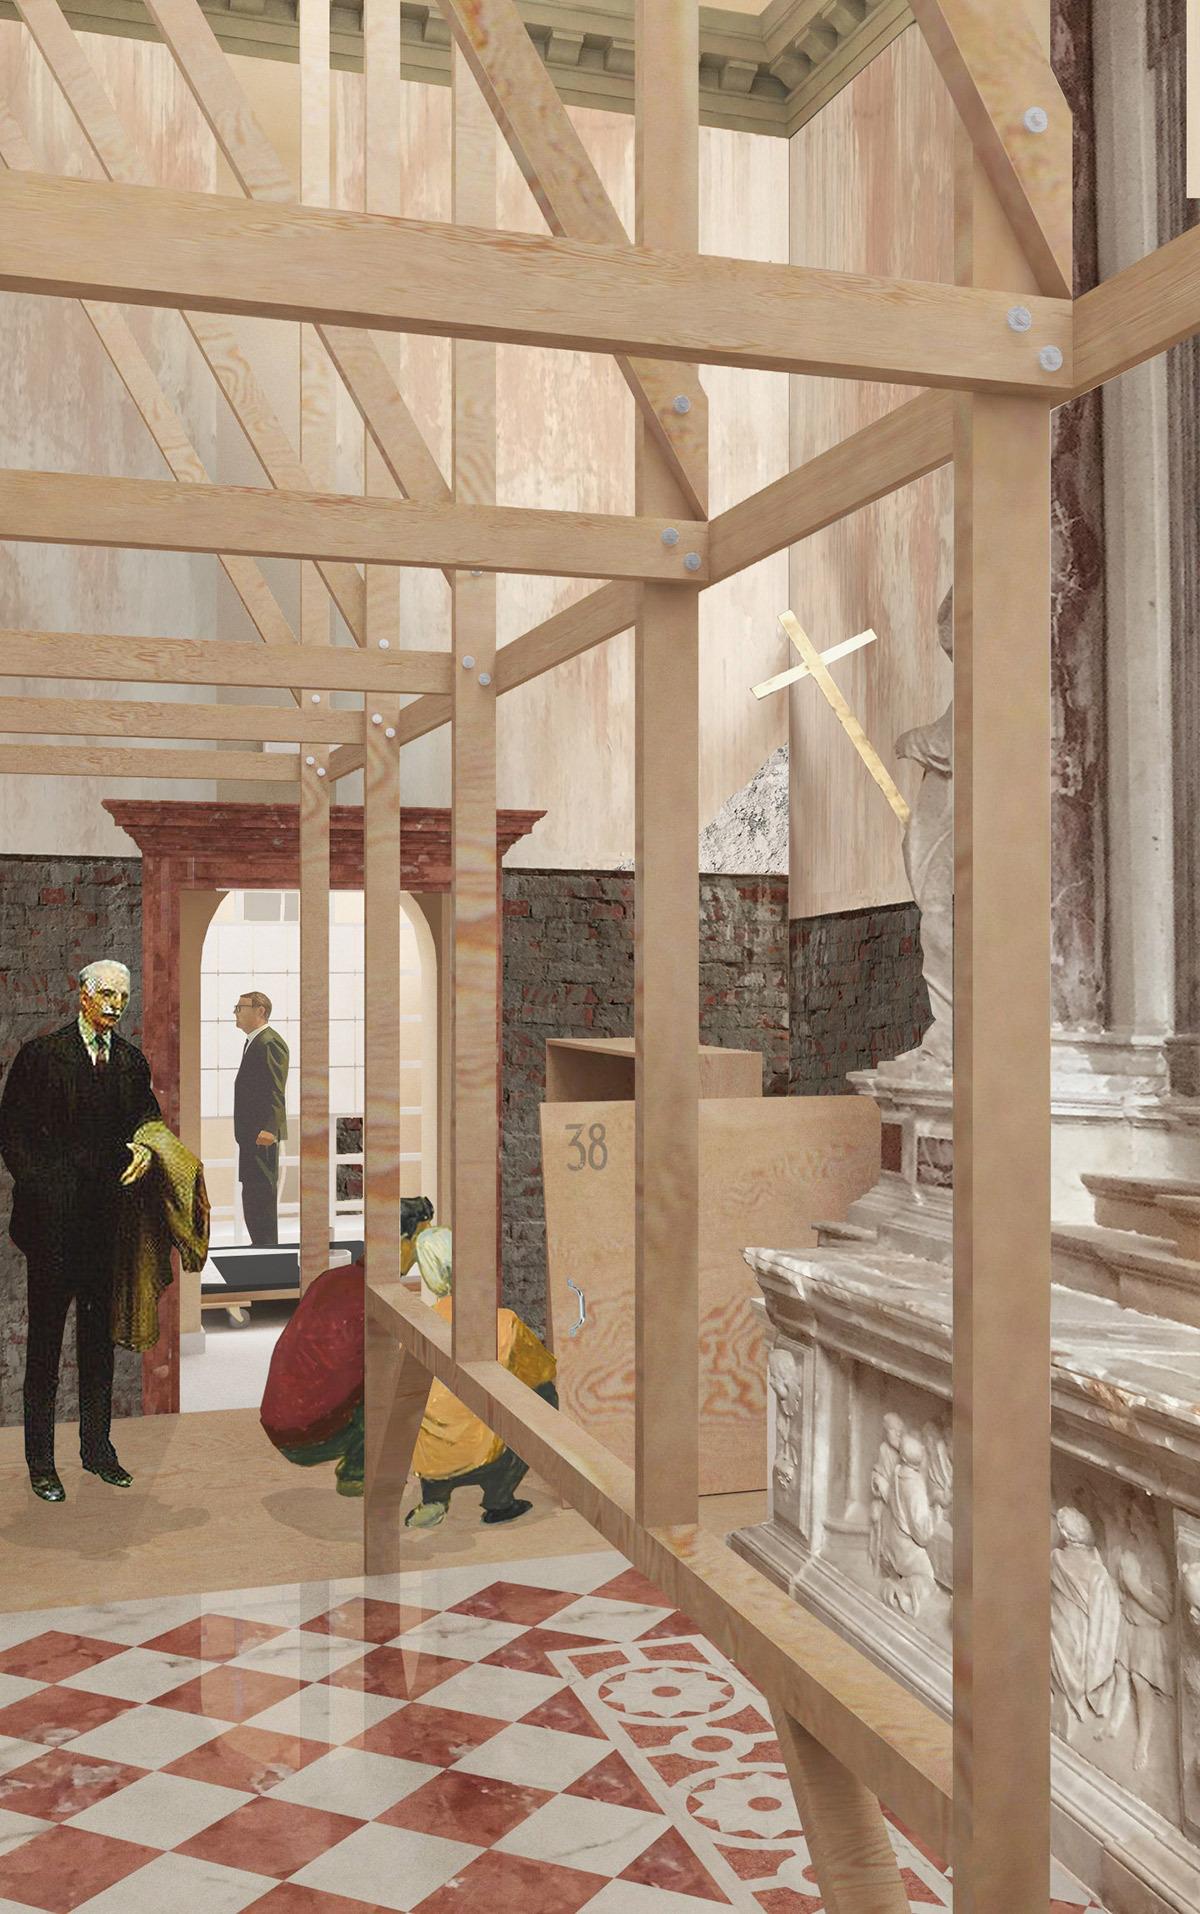 Estonian pavilion at 2018 venice biennale to demonstrate for Biennale venezia 2018